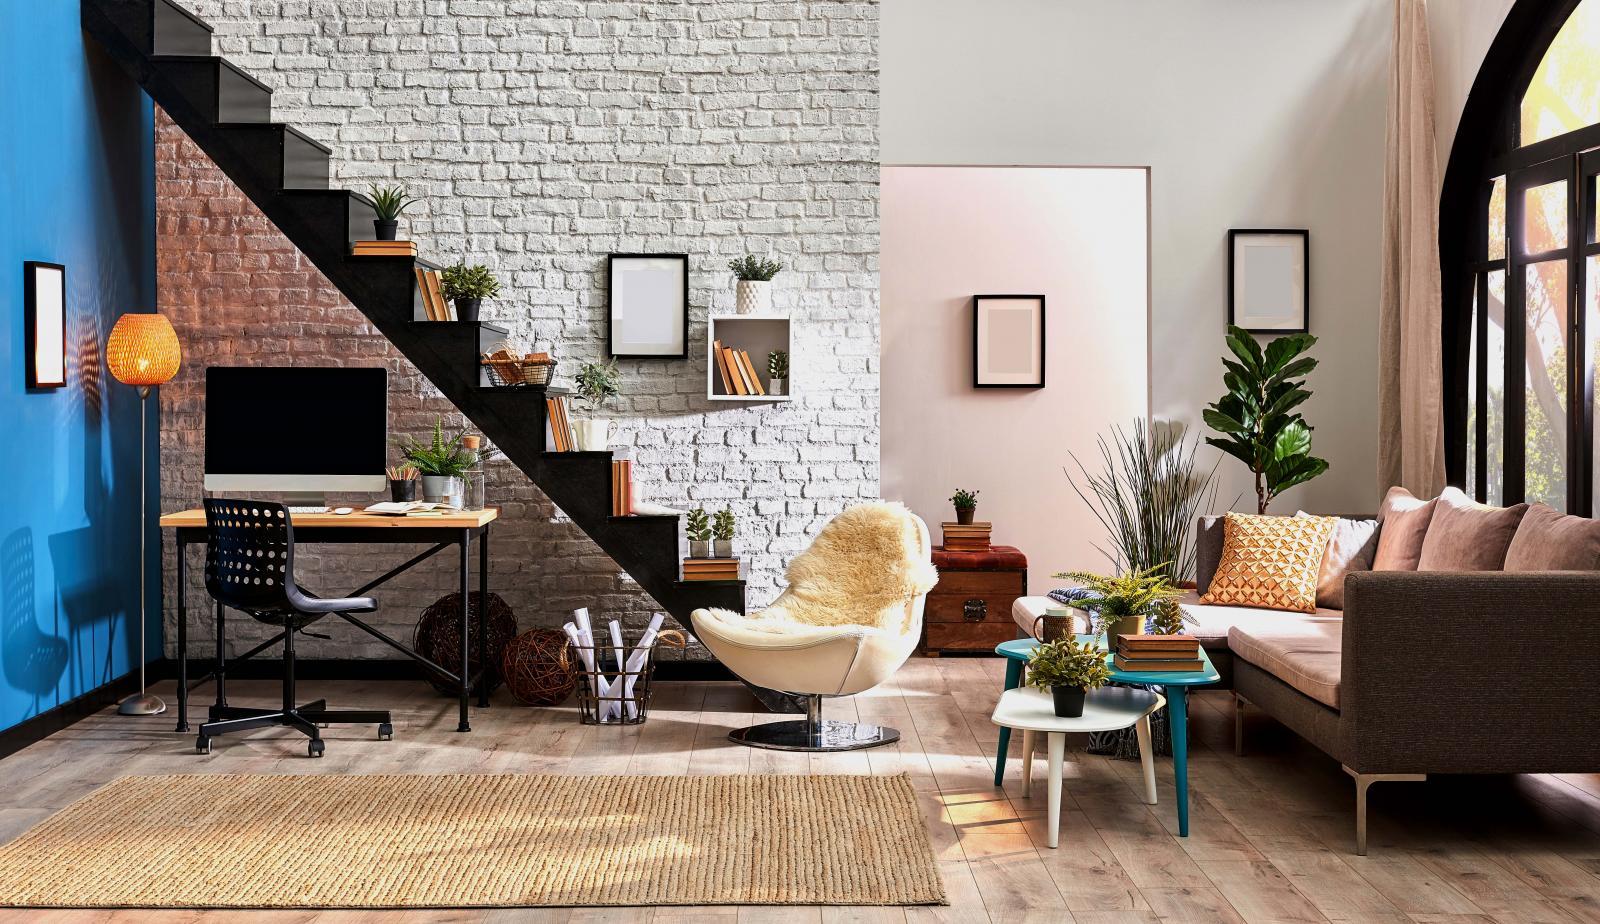 Phòng khách với sofa, bàn trà, góc nhà cạnh bức tường trắng là cầu thang gỗ màu đen đặt nhiều chậu cây.